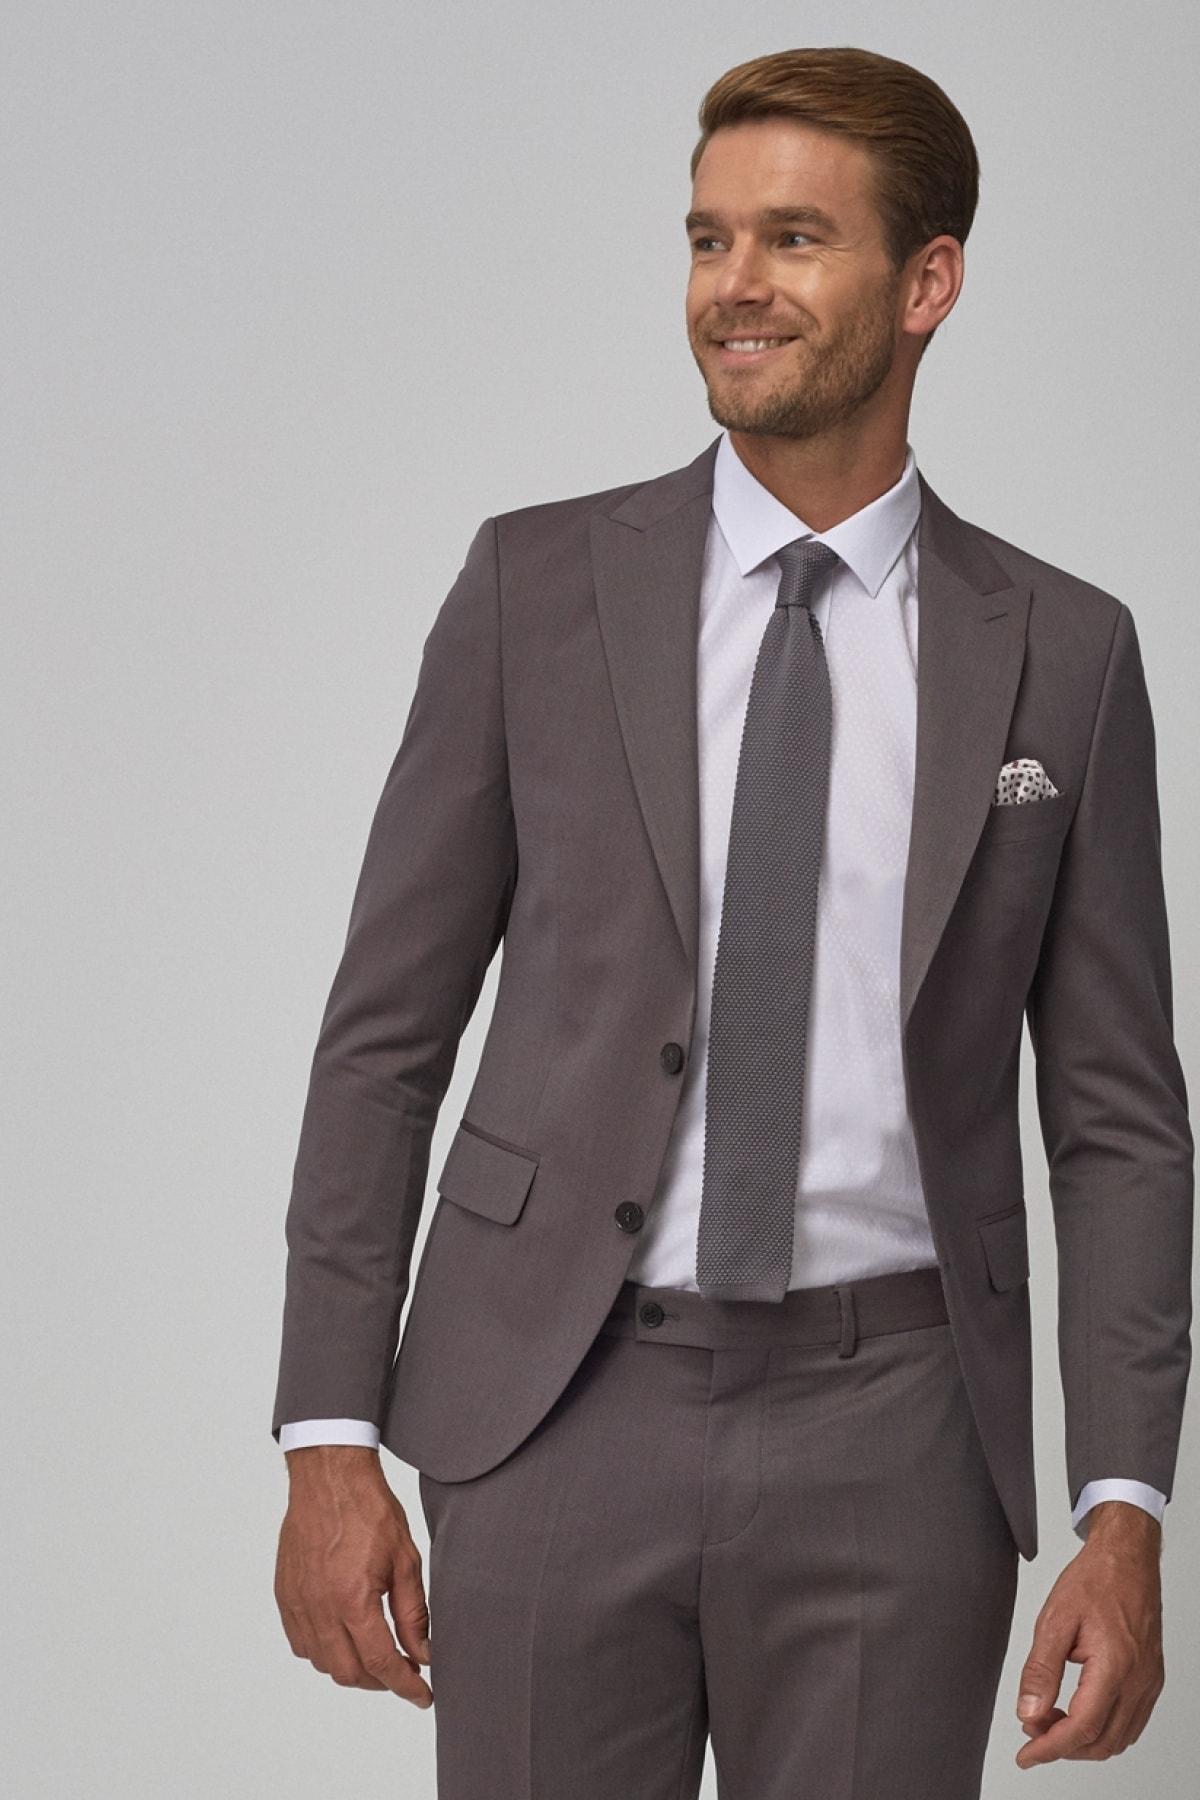 ERKEK Bordo-Gri Ekstra Slim Fit Dar Kesim Desenli Bordo-Gri Su Geçirmez Nano Takım Elbise